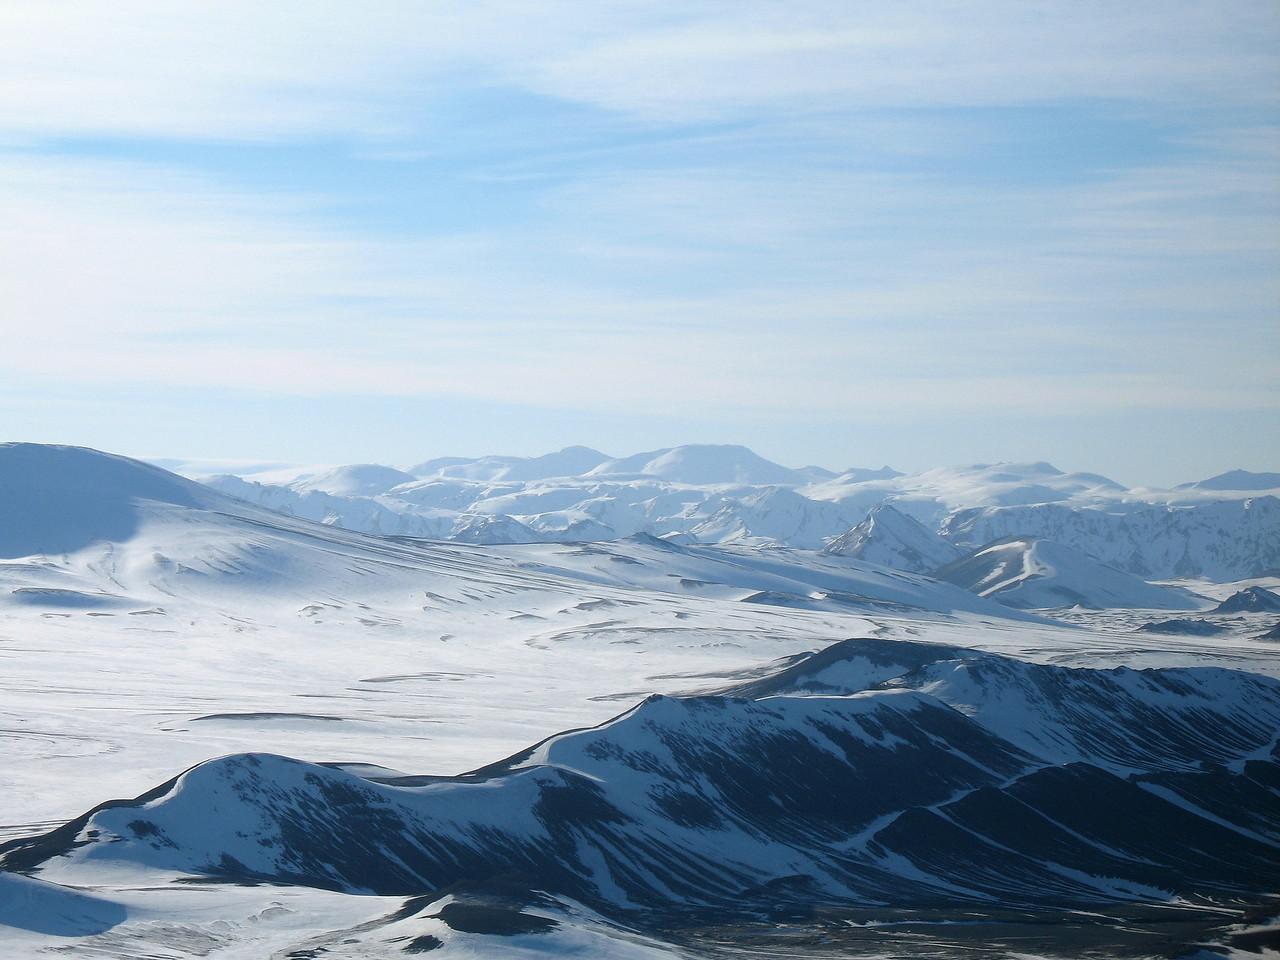 Útsýnið af toppnum - Háskerðingur fyrir miðri mynd með Skerínef til vinstri við sig, lengst til hægri sést Söðul bera við himin. Neðan Söðuls (nær) sjást Suðurnámur, Norðurnámur við austurenda þeirra.